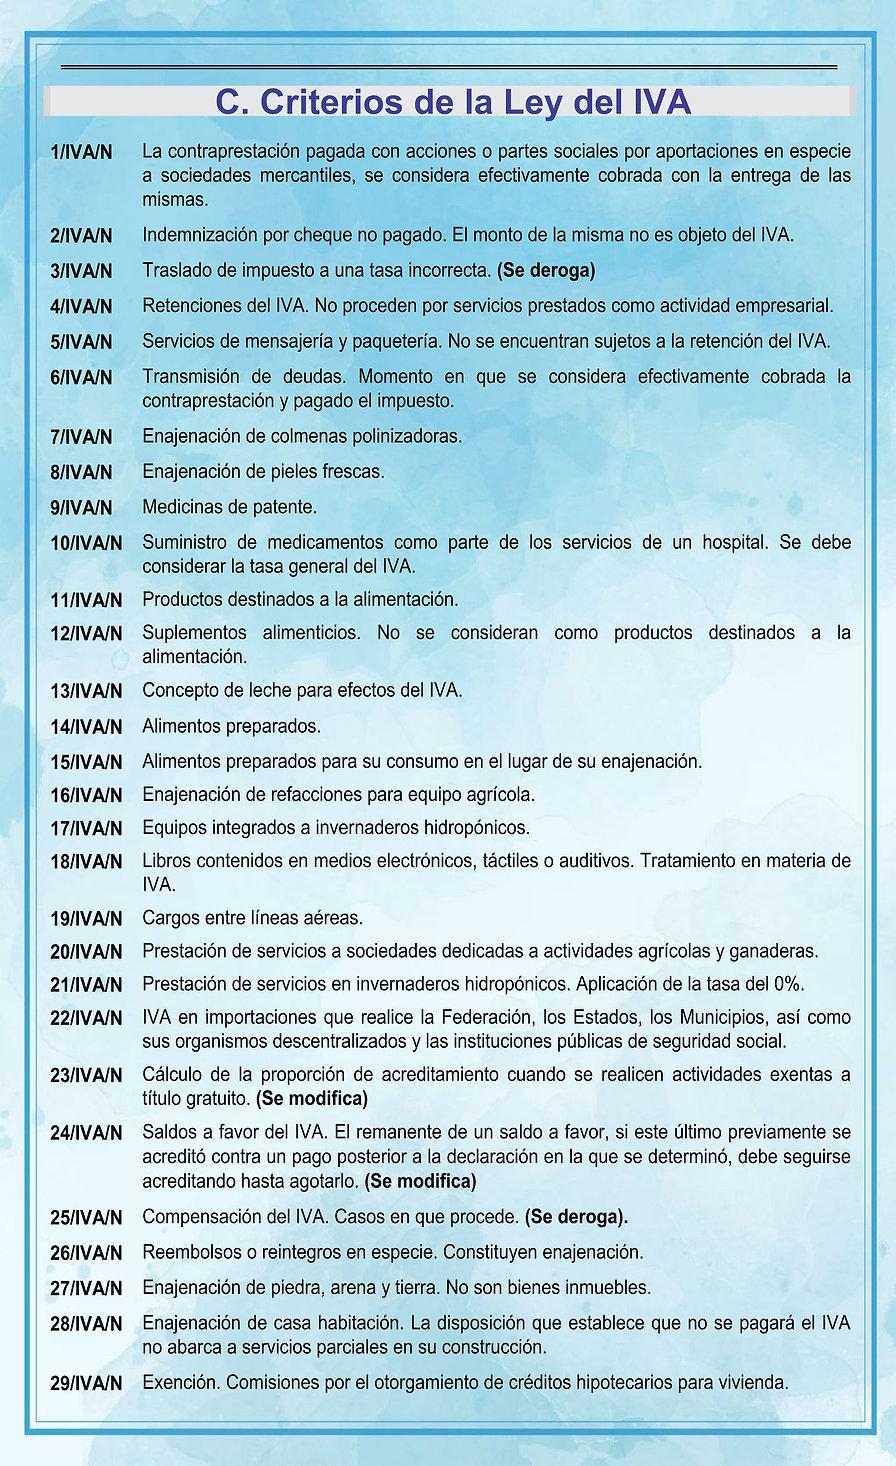 C-Criterios de la Ley de IVA.jpg